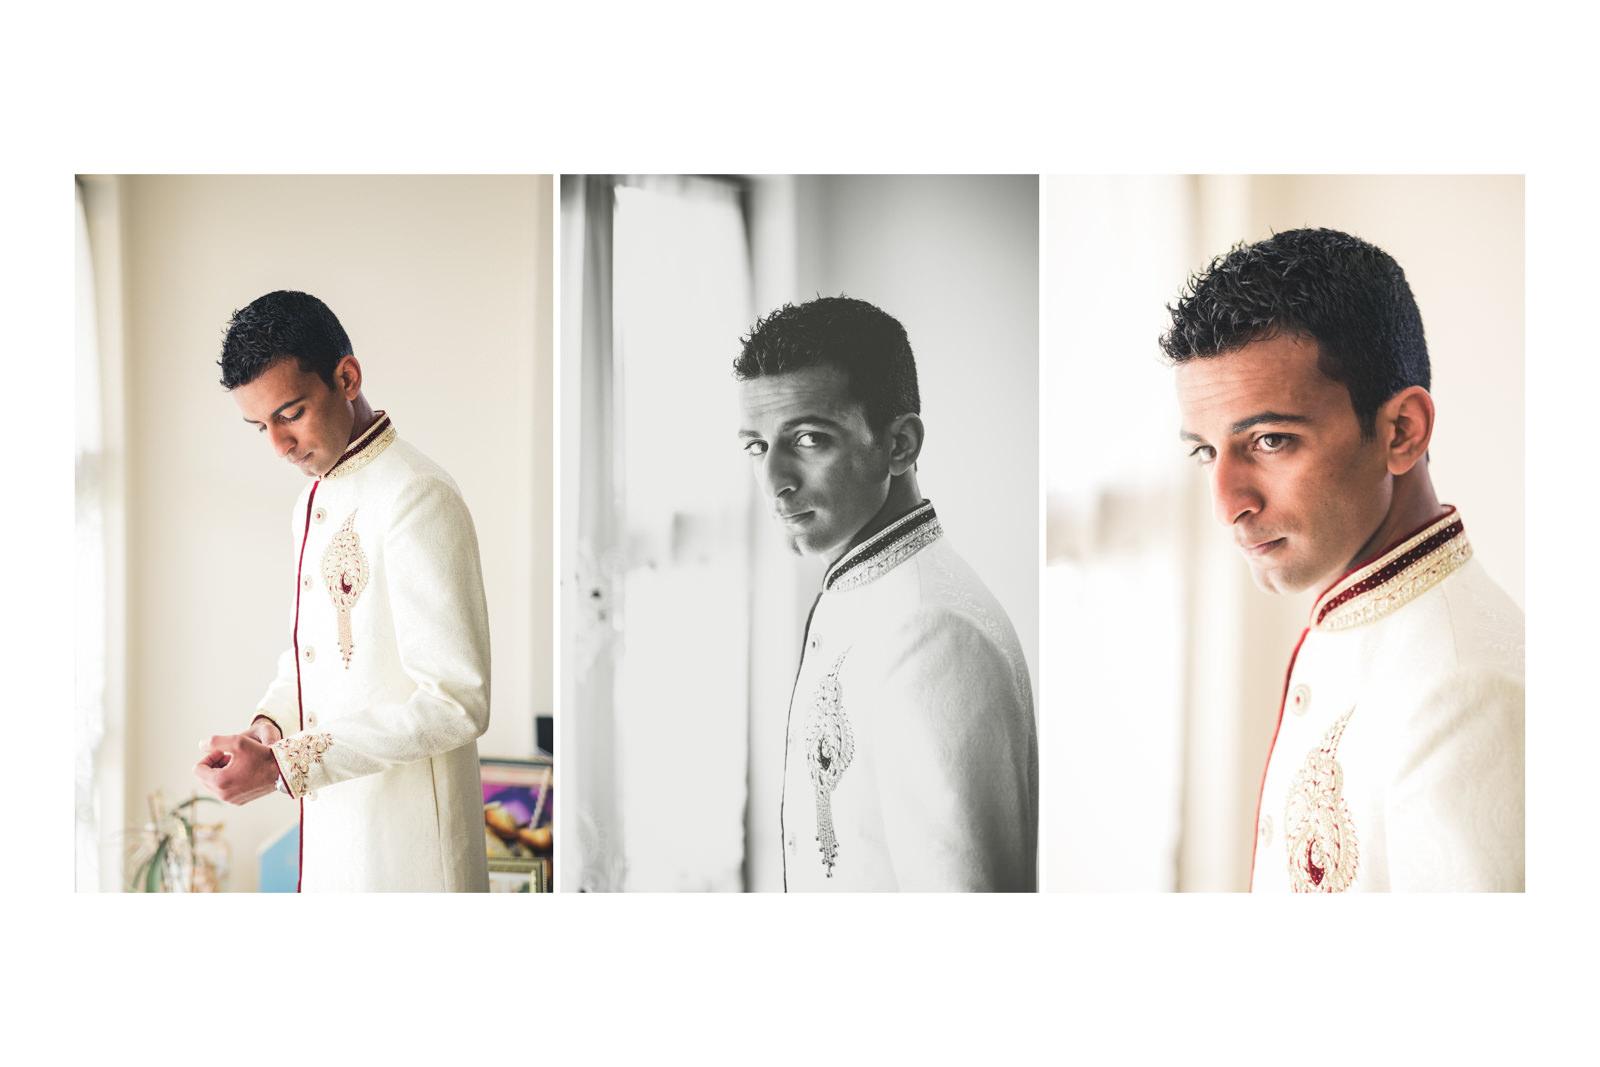 umhlanga wedding photography rbadal groom getting ready